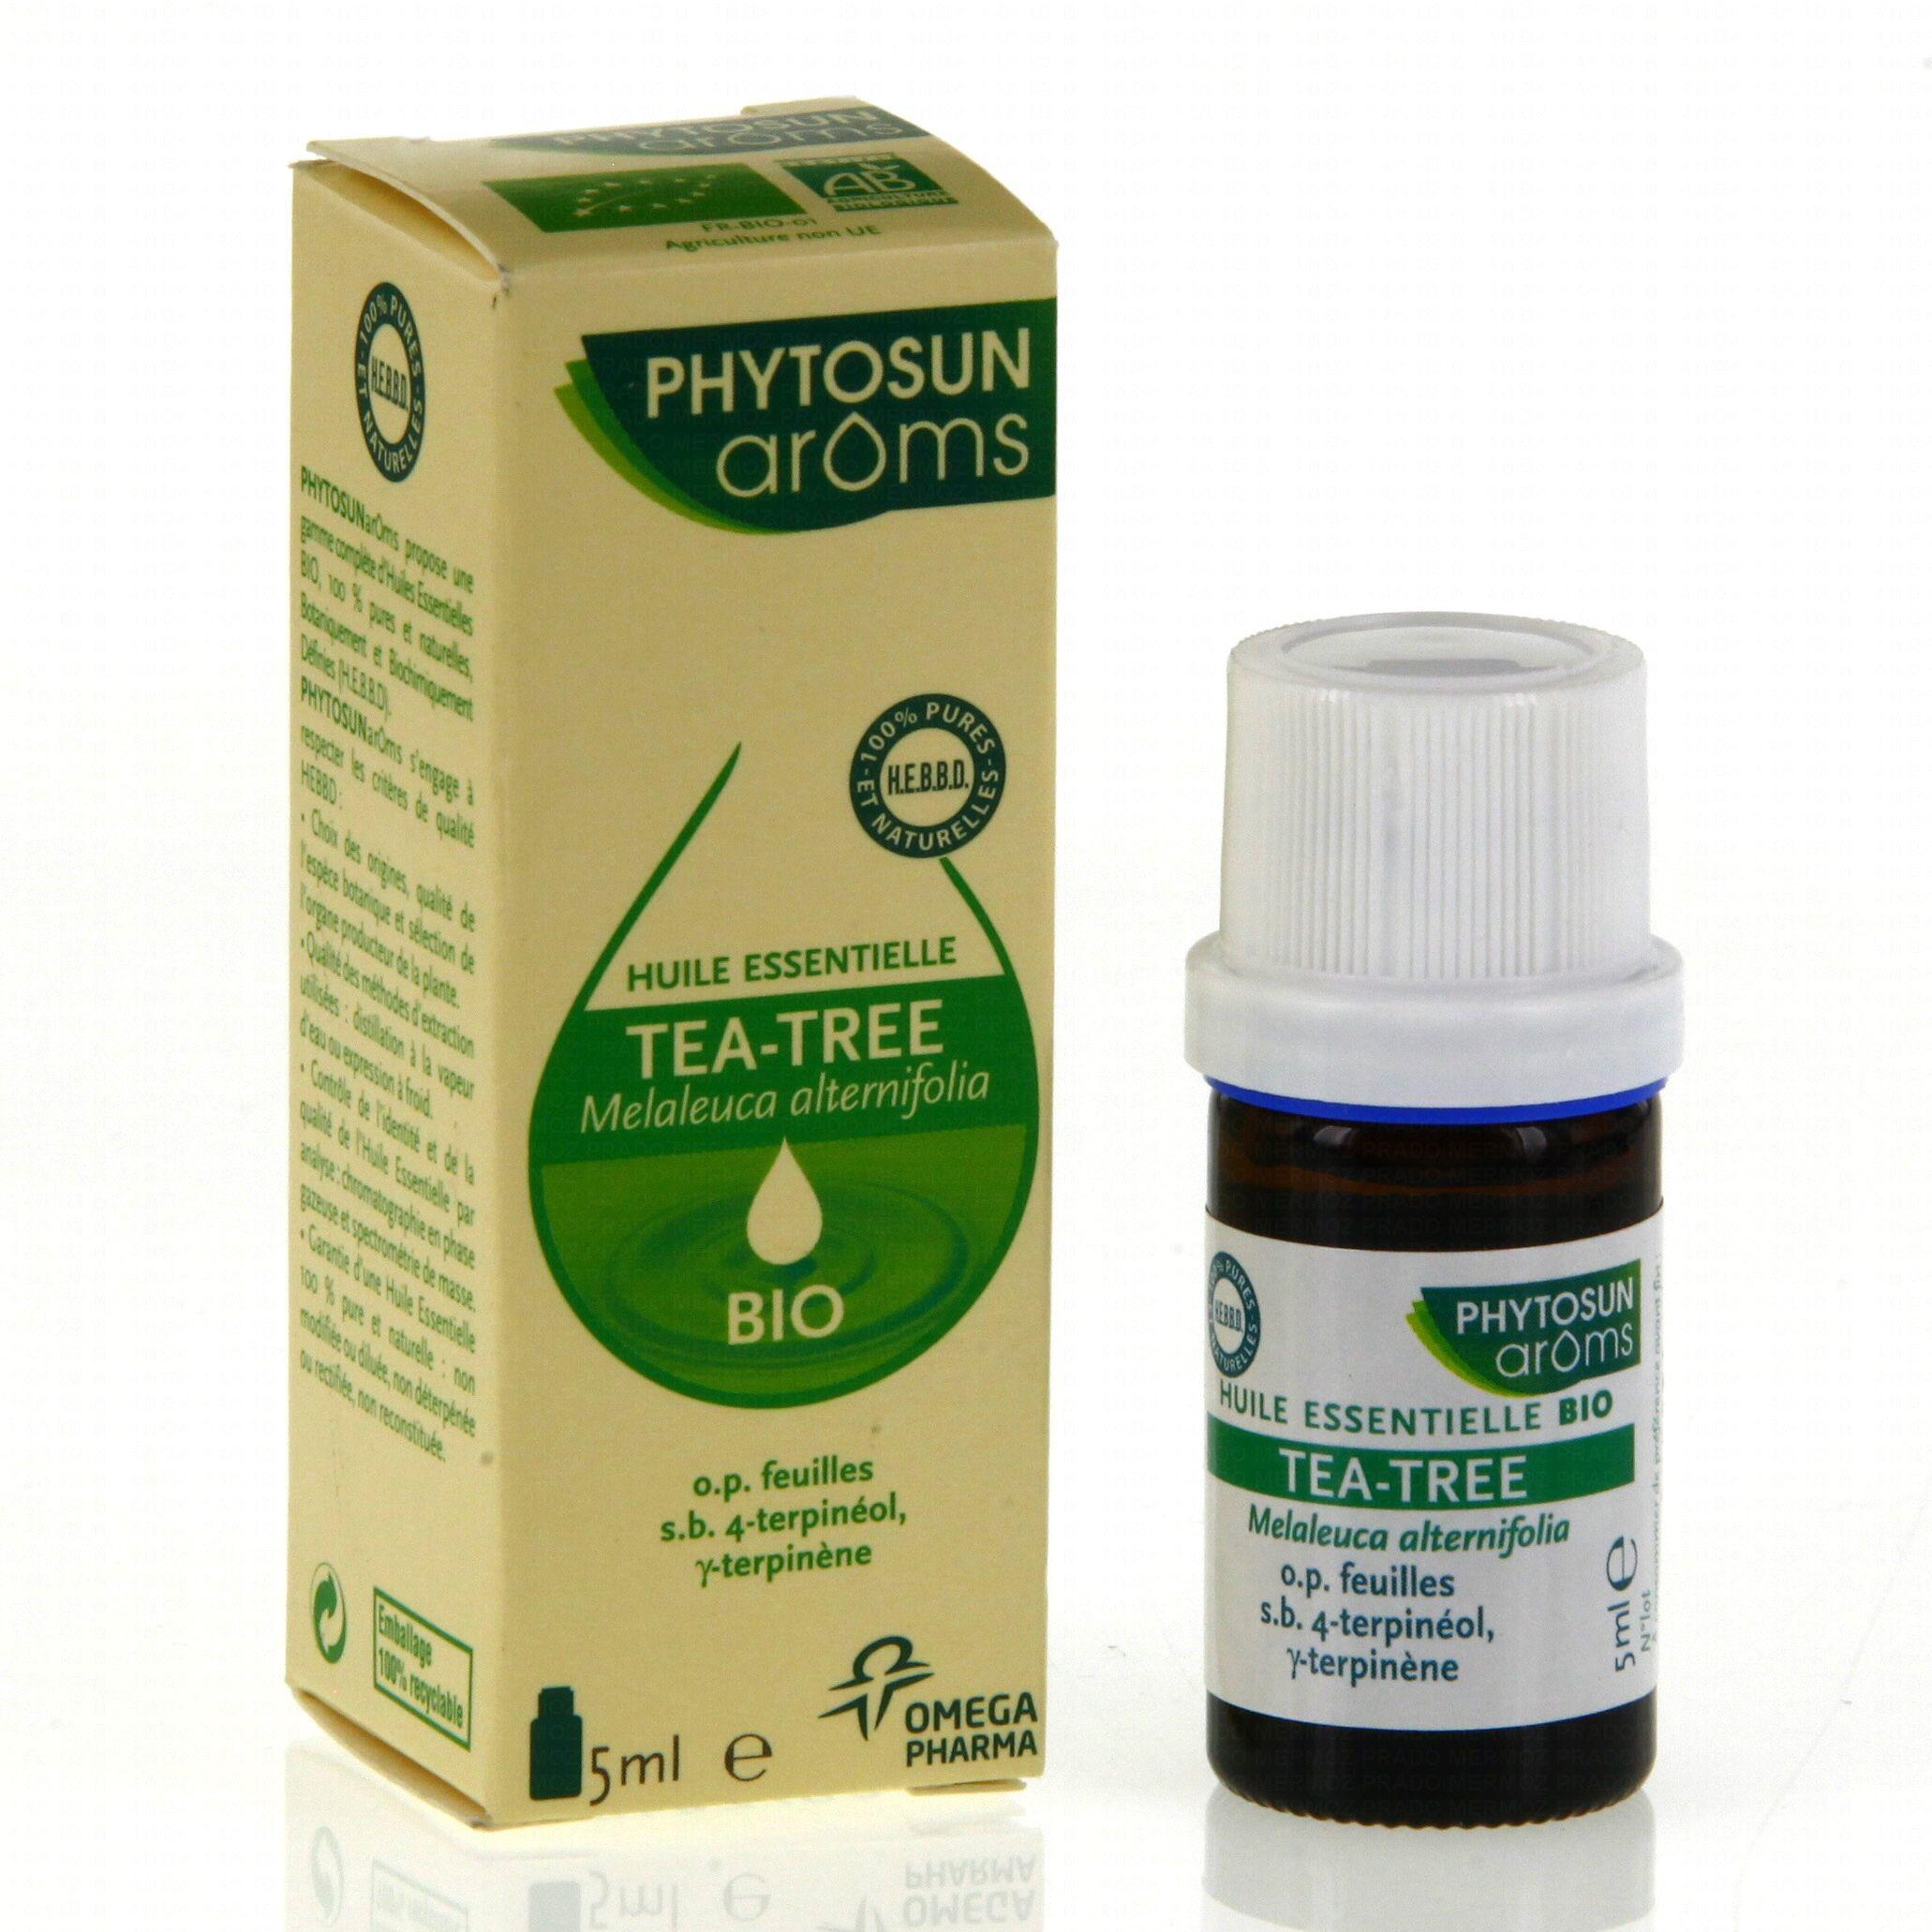 phytosun aroms huile essentielle tea tree bio flacon 5ml parapharmacie en ligne prado mermoz. Black Bedroom Furniture Sets. Home Design Ideas